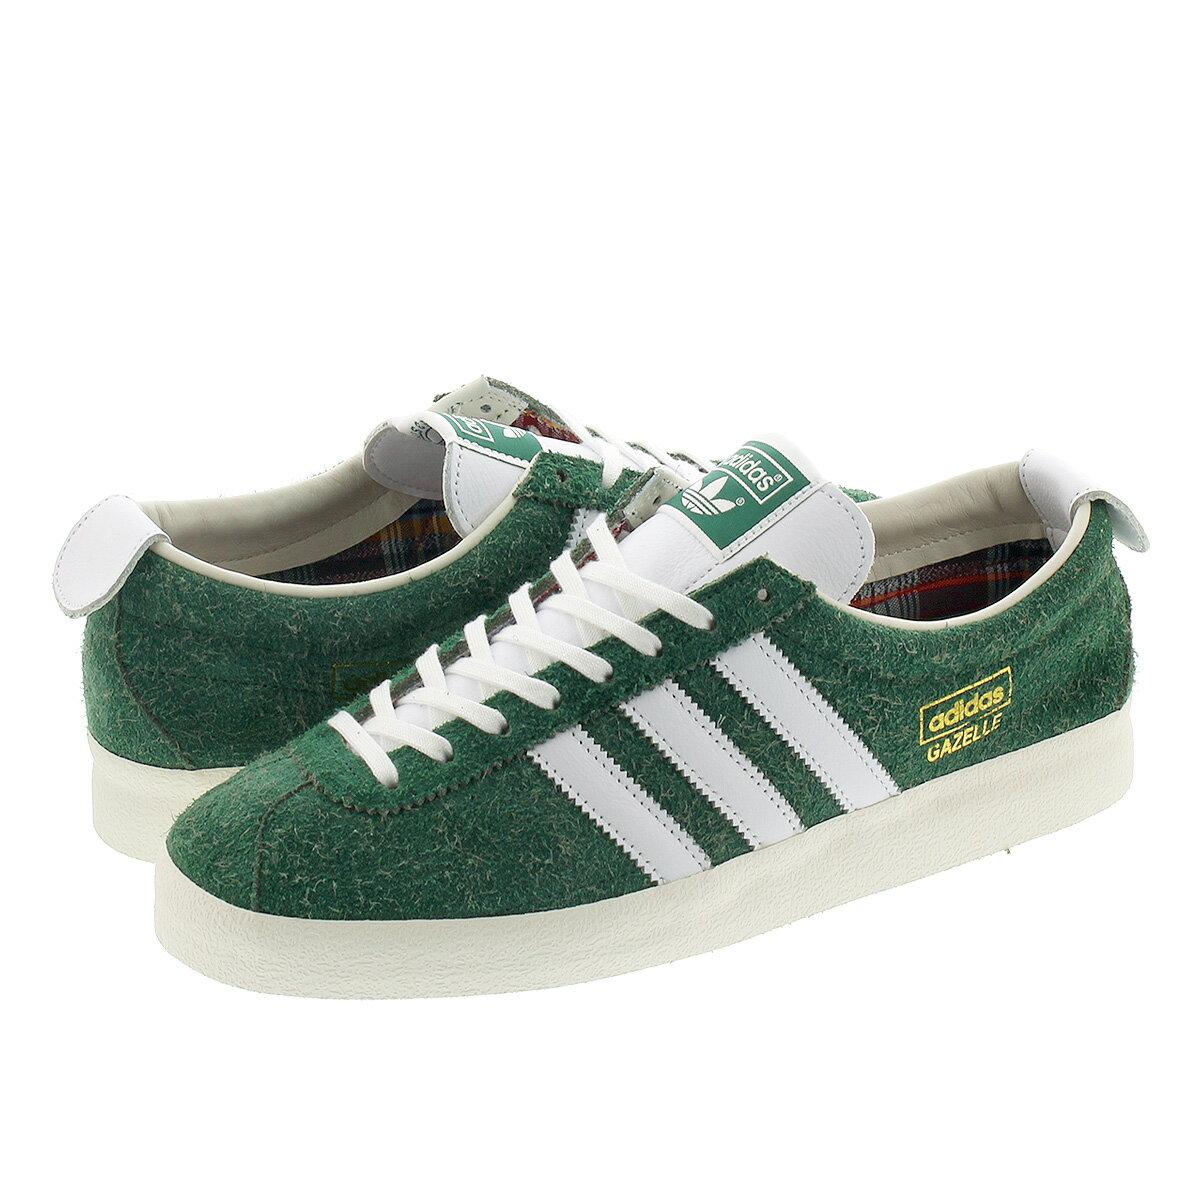 メンズ靴, スニーカー adidas GAZELLE VINTAGE COLLEGE GREENFTWR WHITEOFF WHITE fv9678